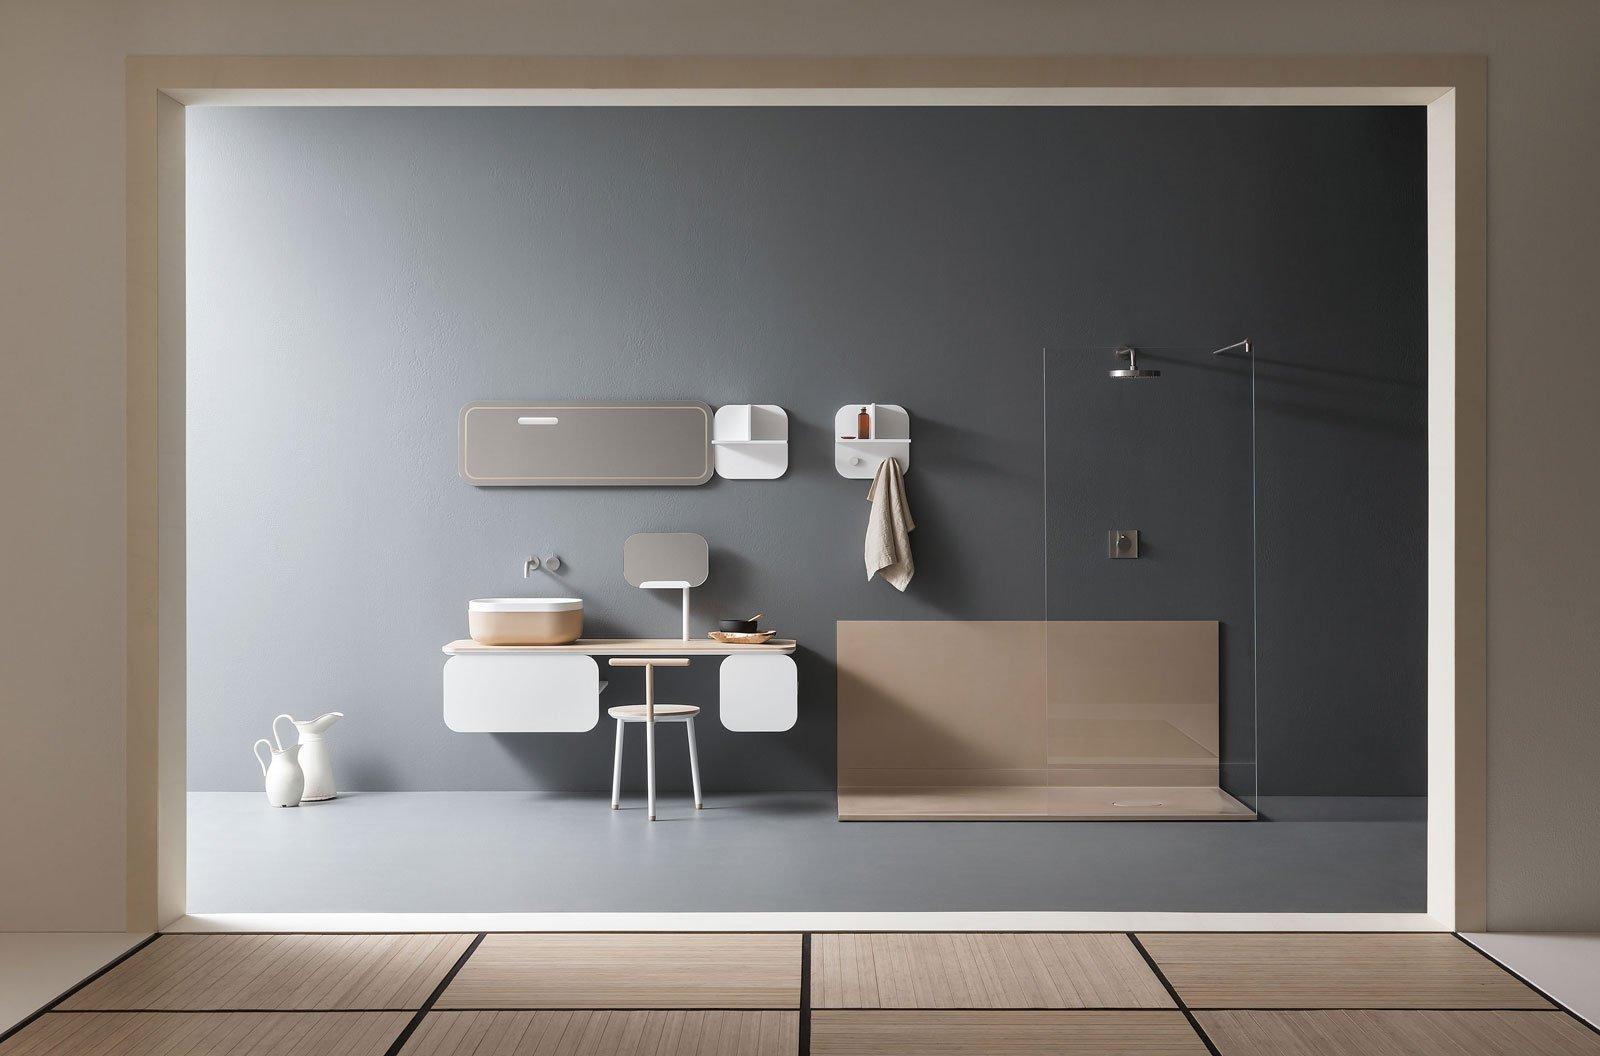 scelte di stile per il bagno: ispirazione zen per assicurarsi ... - Arredo Bagno Zen